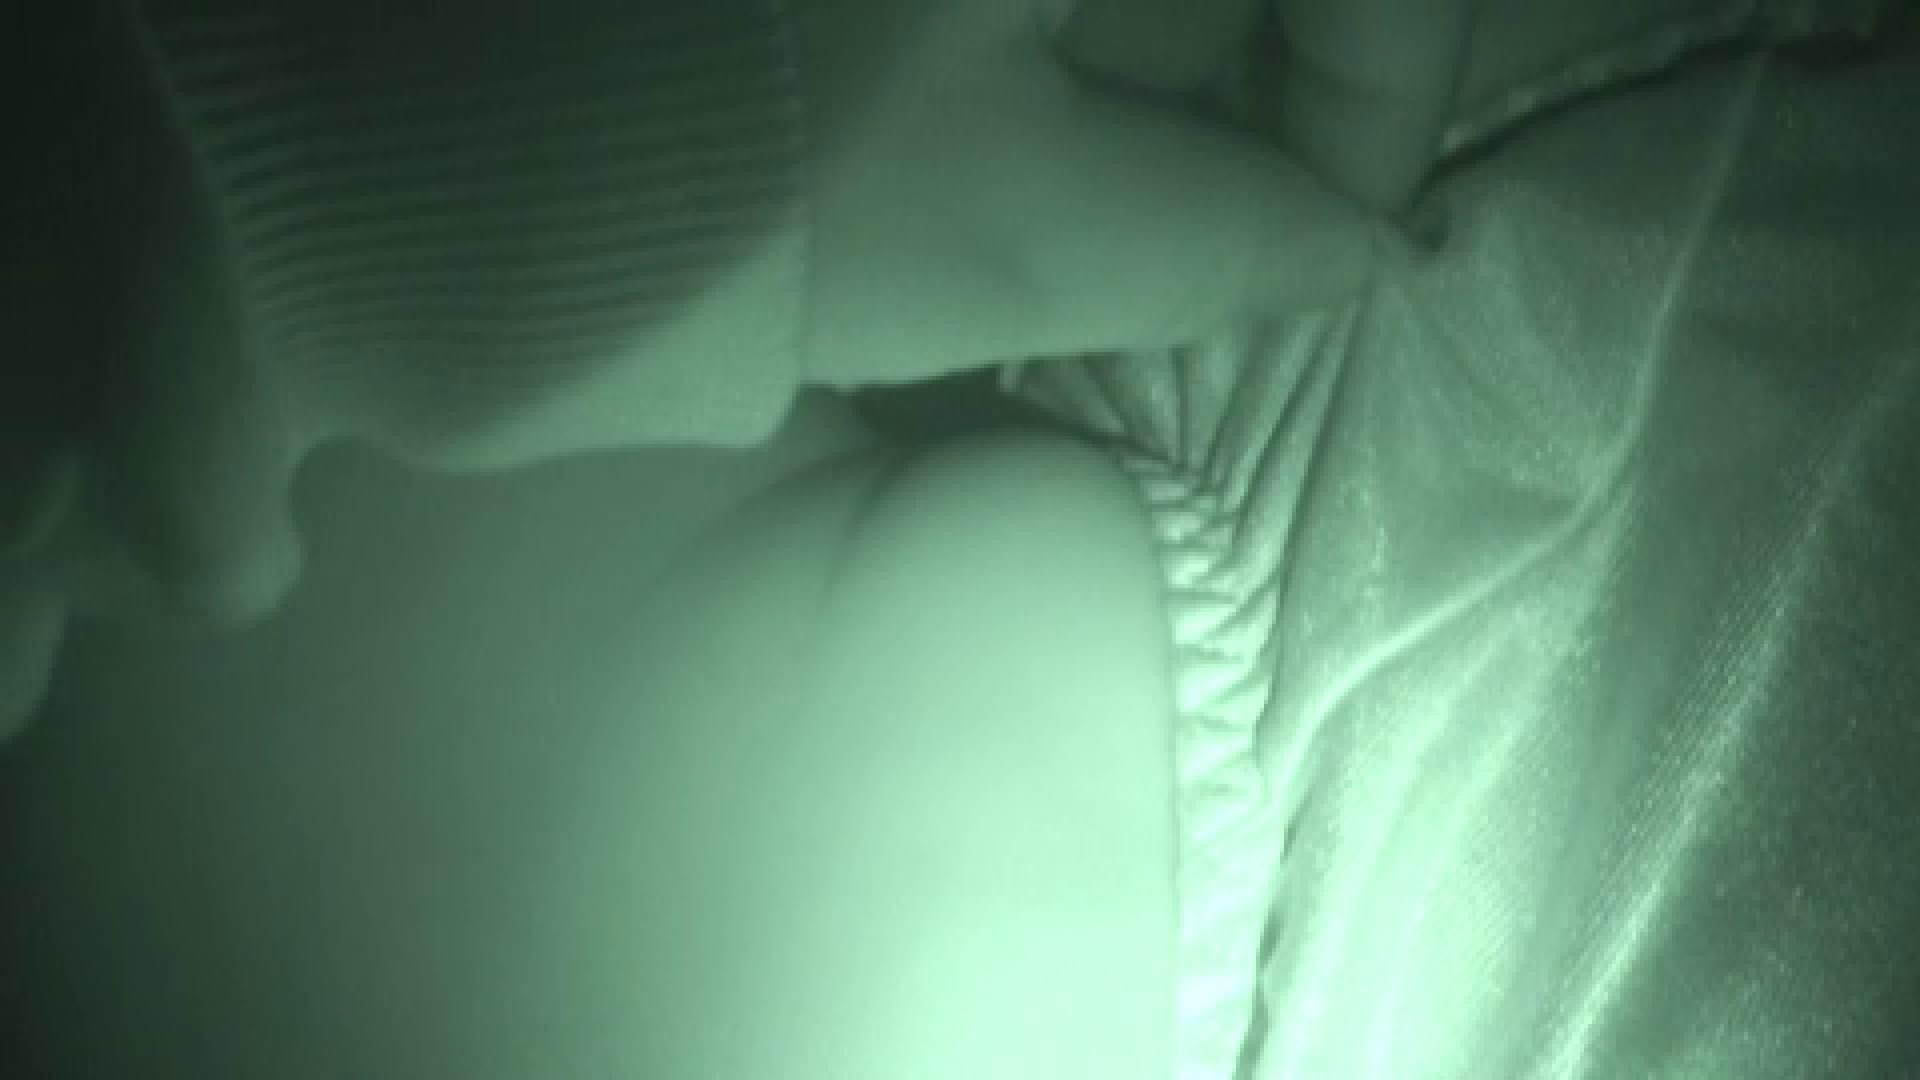 独占配信! ●罪証拠DVD 起きません! vol.10 美しいOLの裸体 | 現役ギャル  97pic 6